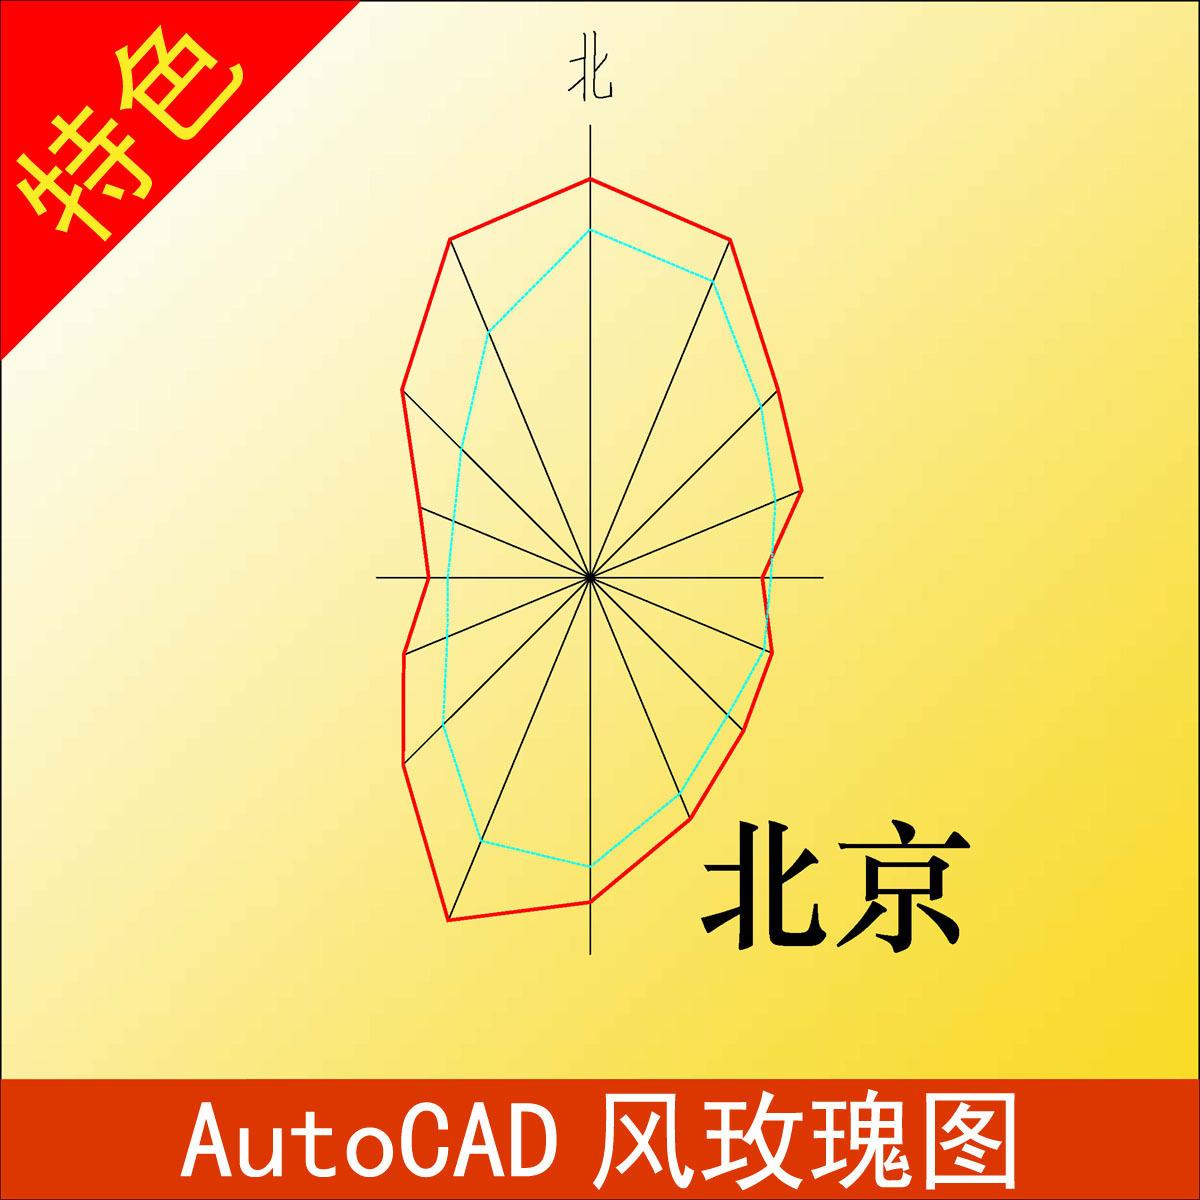 全国0个城市_AutoCad特价城市规划autocad图例矢量图型C